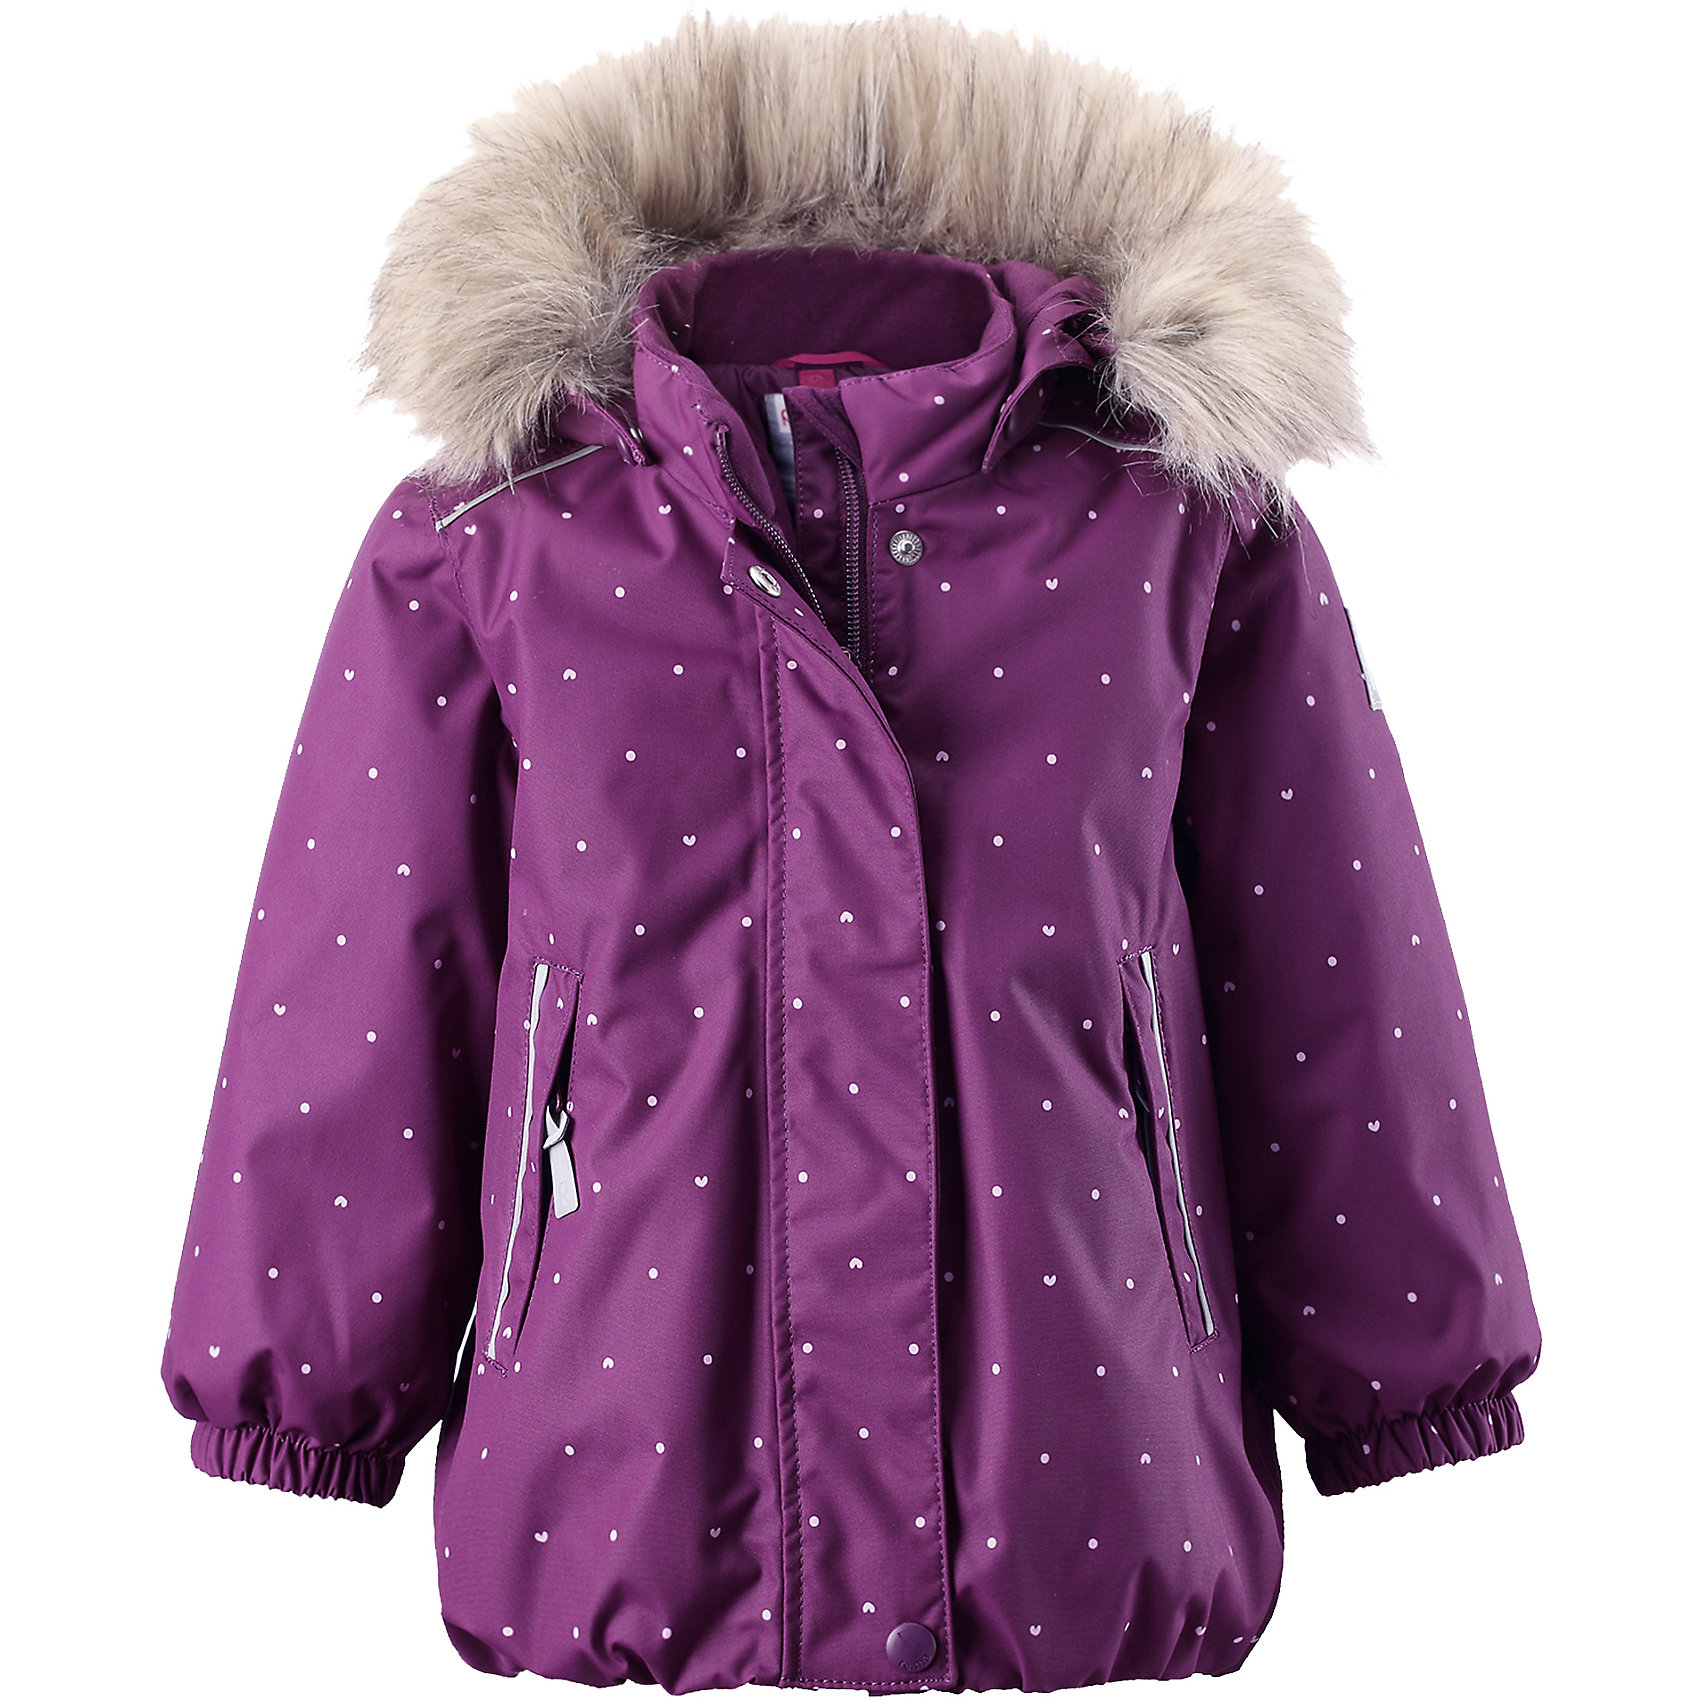 Куртка Muhvi для девочки Reimatec® ReimaКуртка для девочки Reimatec® Reima<br>Зимняя куртка для малышей. Все швы проклеены и водонепроницаемы. Водо- и ветронепроницаемый, «дышащий» и грязеотталкивающий материал. Крой для девочек. Гладкая подкладка из полиэстра. Безопасный съемный капюшон с отсоединяемой меховой каймой из искусственного меха. .Эластичный пояс сзад иЭластичные подол и манжеты. Регулируемый подол. Два кармана на молнии. Принт по всей поверхности. Безопасные светоотражающие детали.<br>Утеплитель: Reima® Soft Loft insulation,160 g<br>Уход:<br>Стирать по отдельности, вывернув наизнанку. Перед стиркой отстегните искусственный мех. Застегнуть молнии и липучки. Стирать моющим средством, не содержащим отбеливающие вещества. Полоскать без специального средства. Во избежание изменения цвета изделие необходимо вынуть из стиральной машинки незамедлительно после окончания программы стирки. Можно сушить в сушильном шкафу или центрифуге (макс. 40° C).<br>Состав:<br>100% Полиамид, полиуретановое покрытие<br><br>Ширина мм: 460<br>Глубина мм: 357<br>Высота мм: 60<br>Вес г: 639<br>Цвет: розовый<br>Возраст от месяцев: 24<br>Возраст до месяцев: 36<br>Пол: Женский<br>Возраст: Детский<br>Размер: 98,92,86,80<br>SKU: 4776016